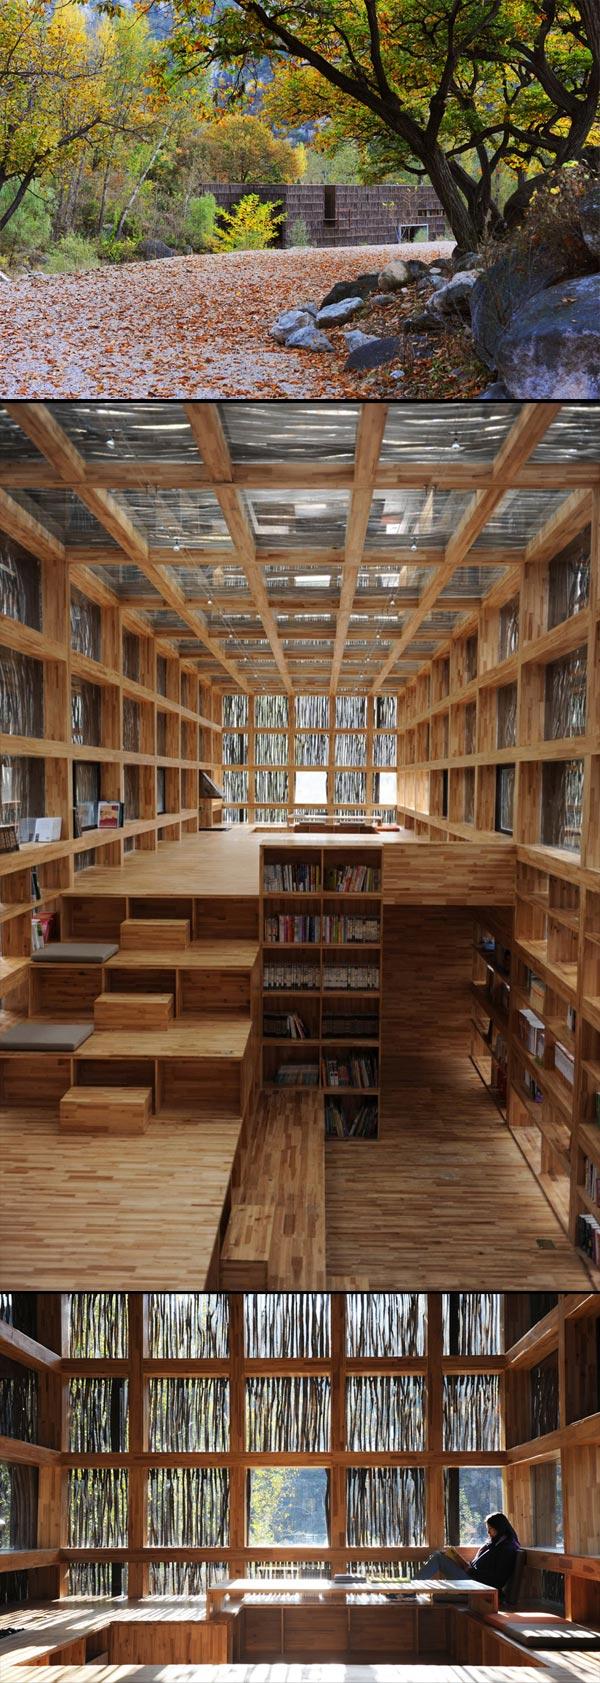 Beijing Library